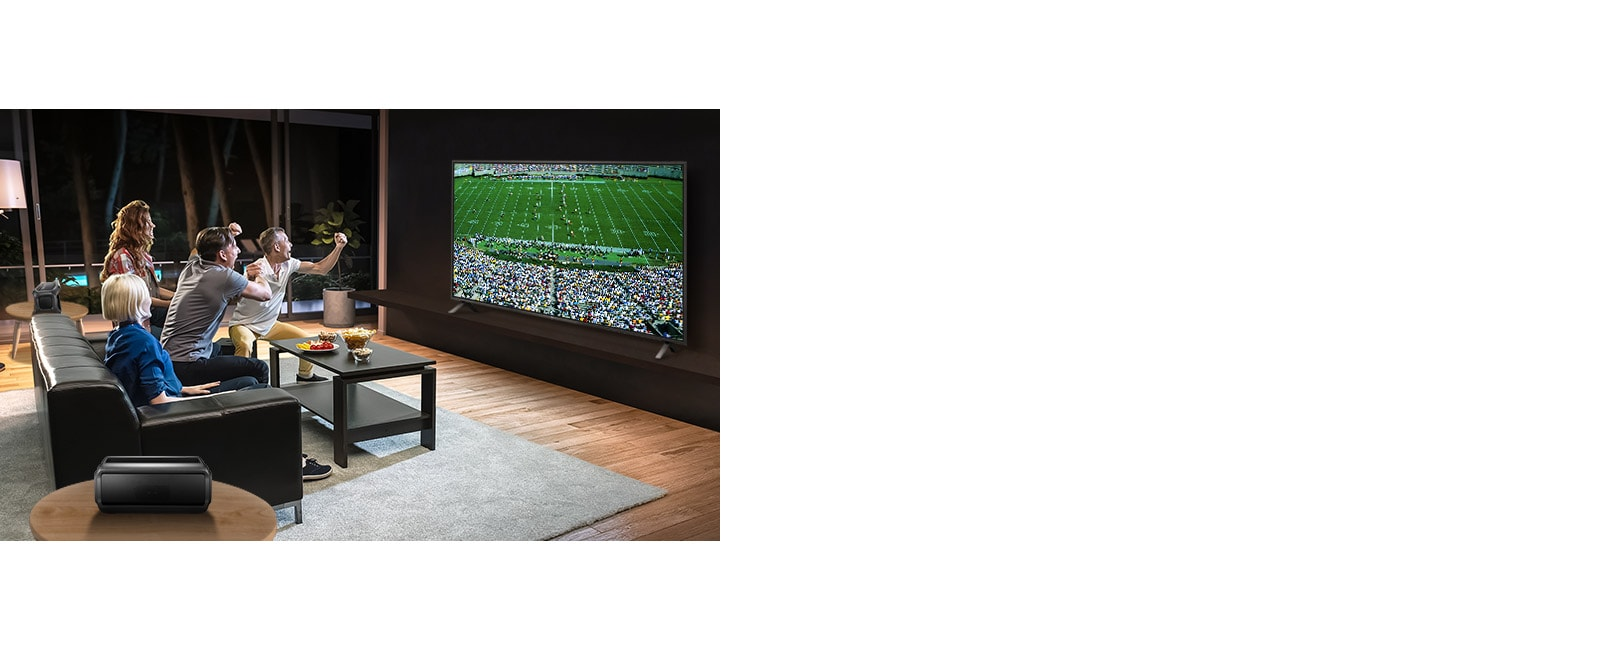 Люди смотрят спортивную игру в гостиной с помощью подключенных через Bluetooth тыловых колонок.